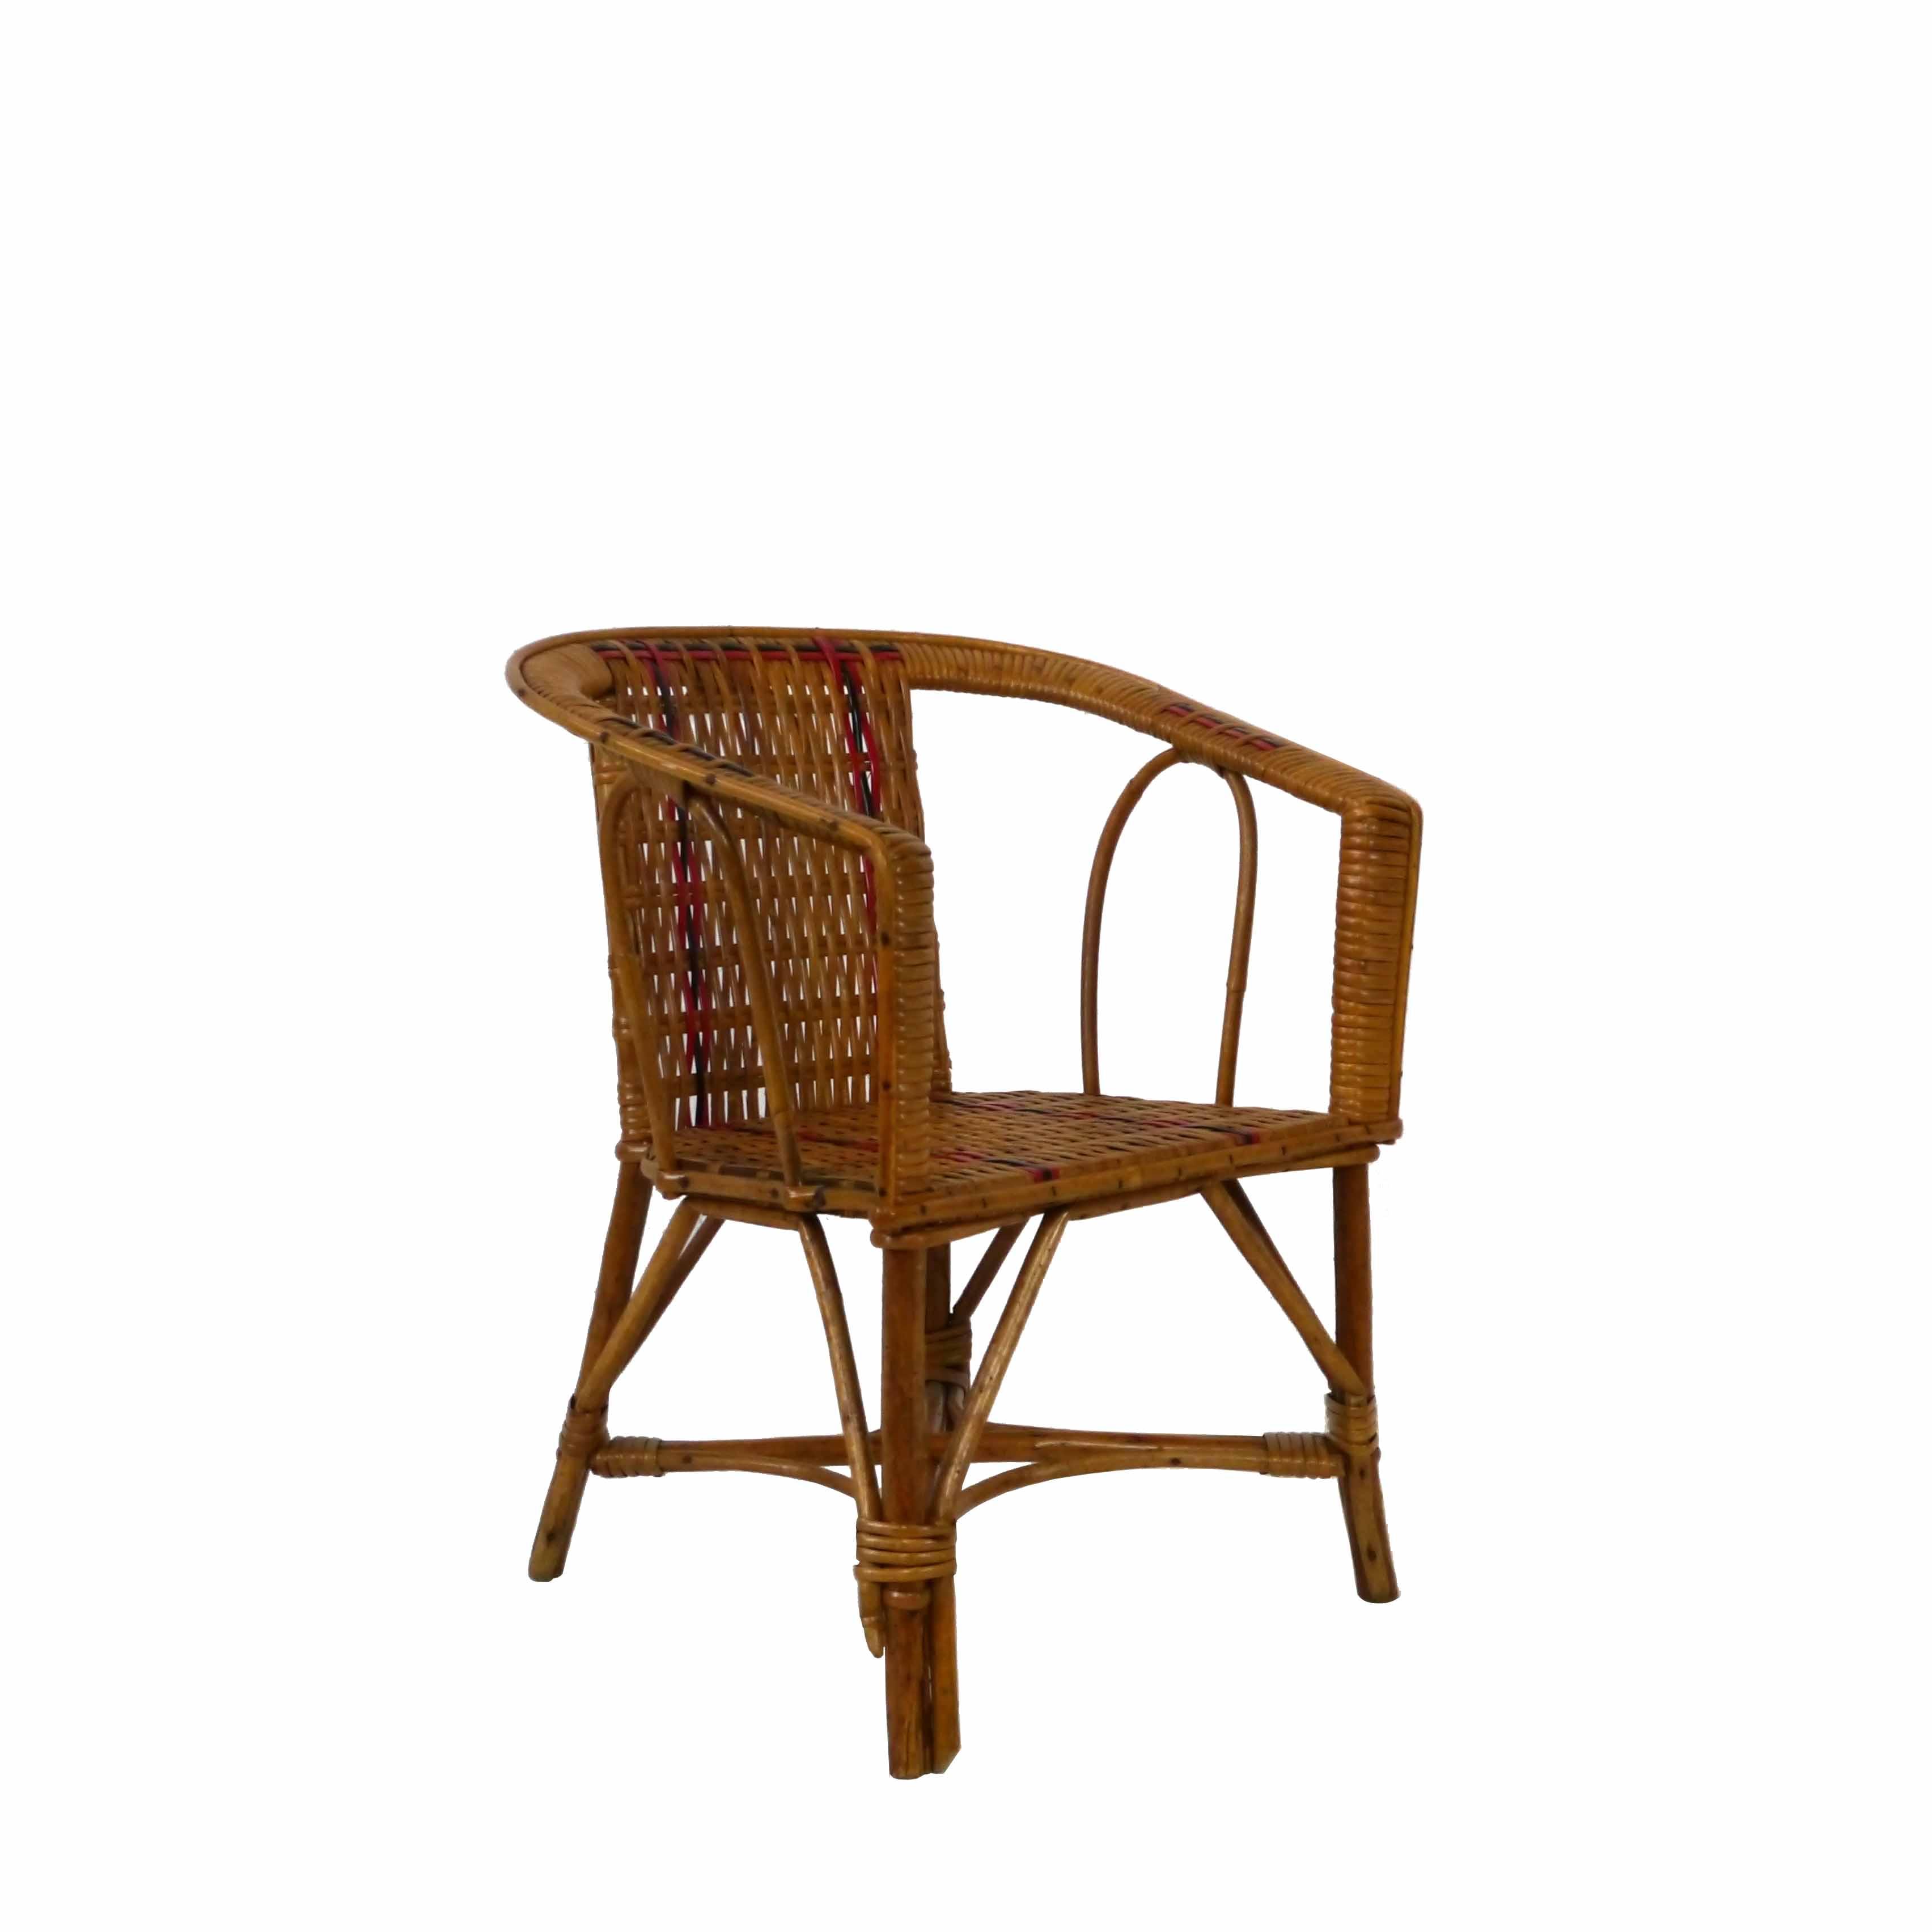 Fauteuil Osier Design: Mobilier Vintage Pour